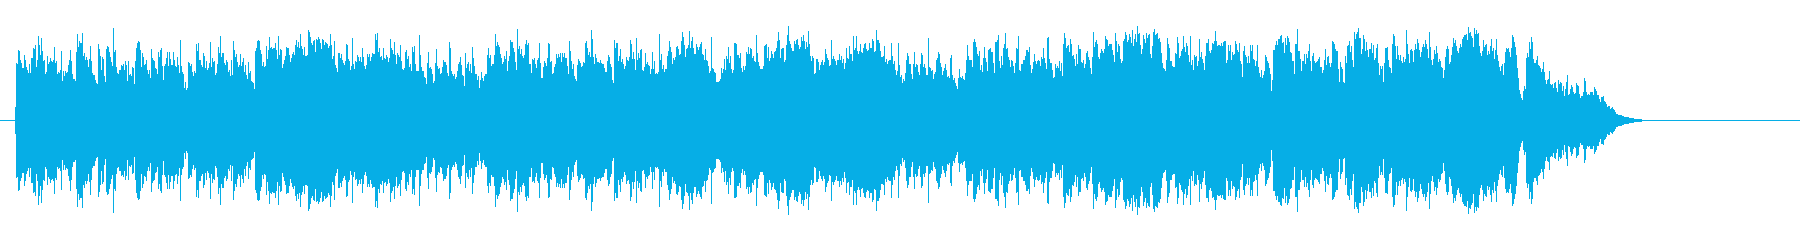 一息つく暖かなリゾート気分のボサノバの再生済みの波形